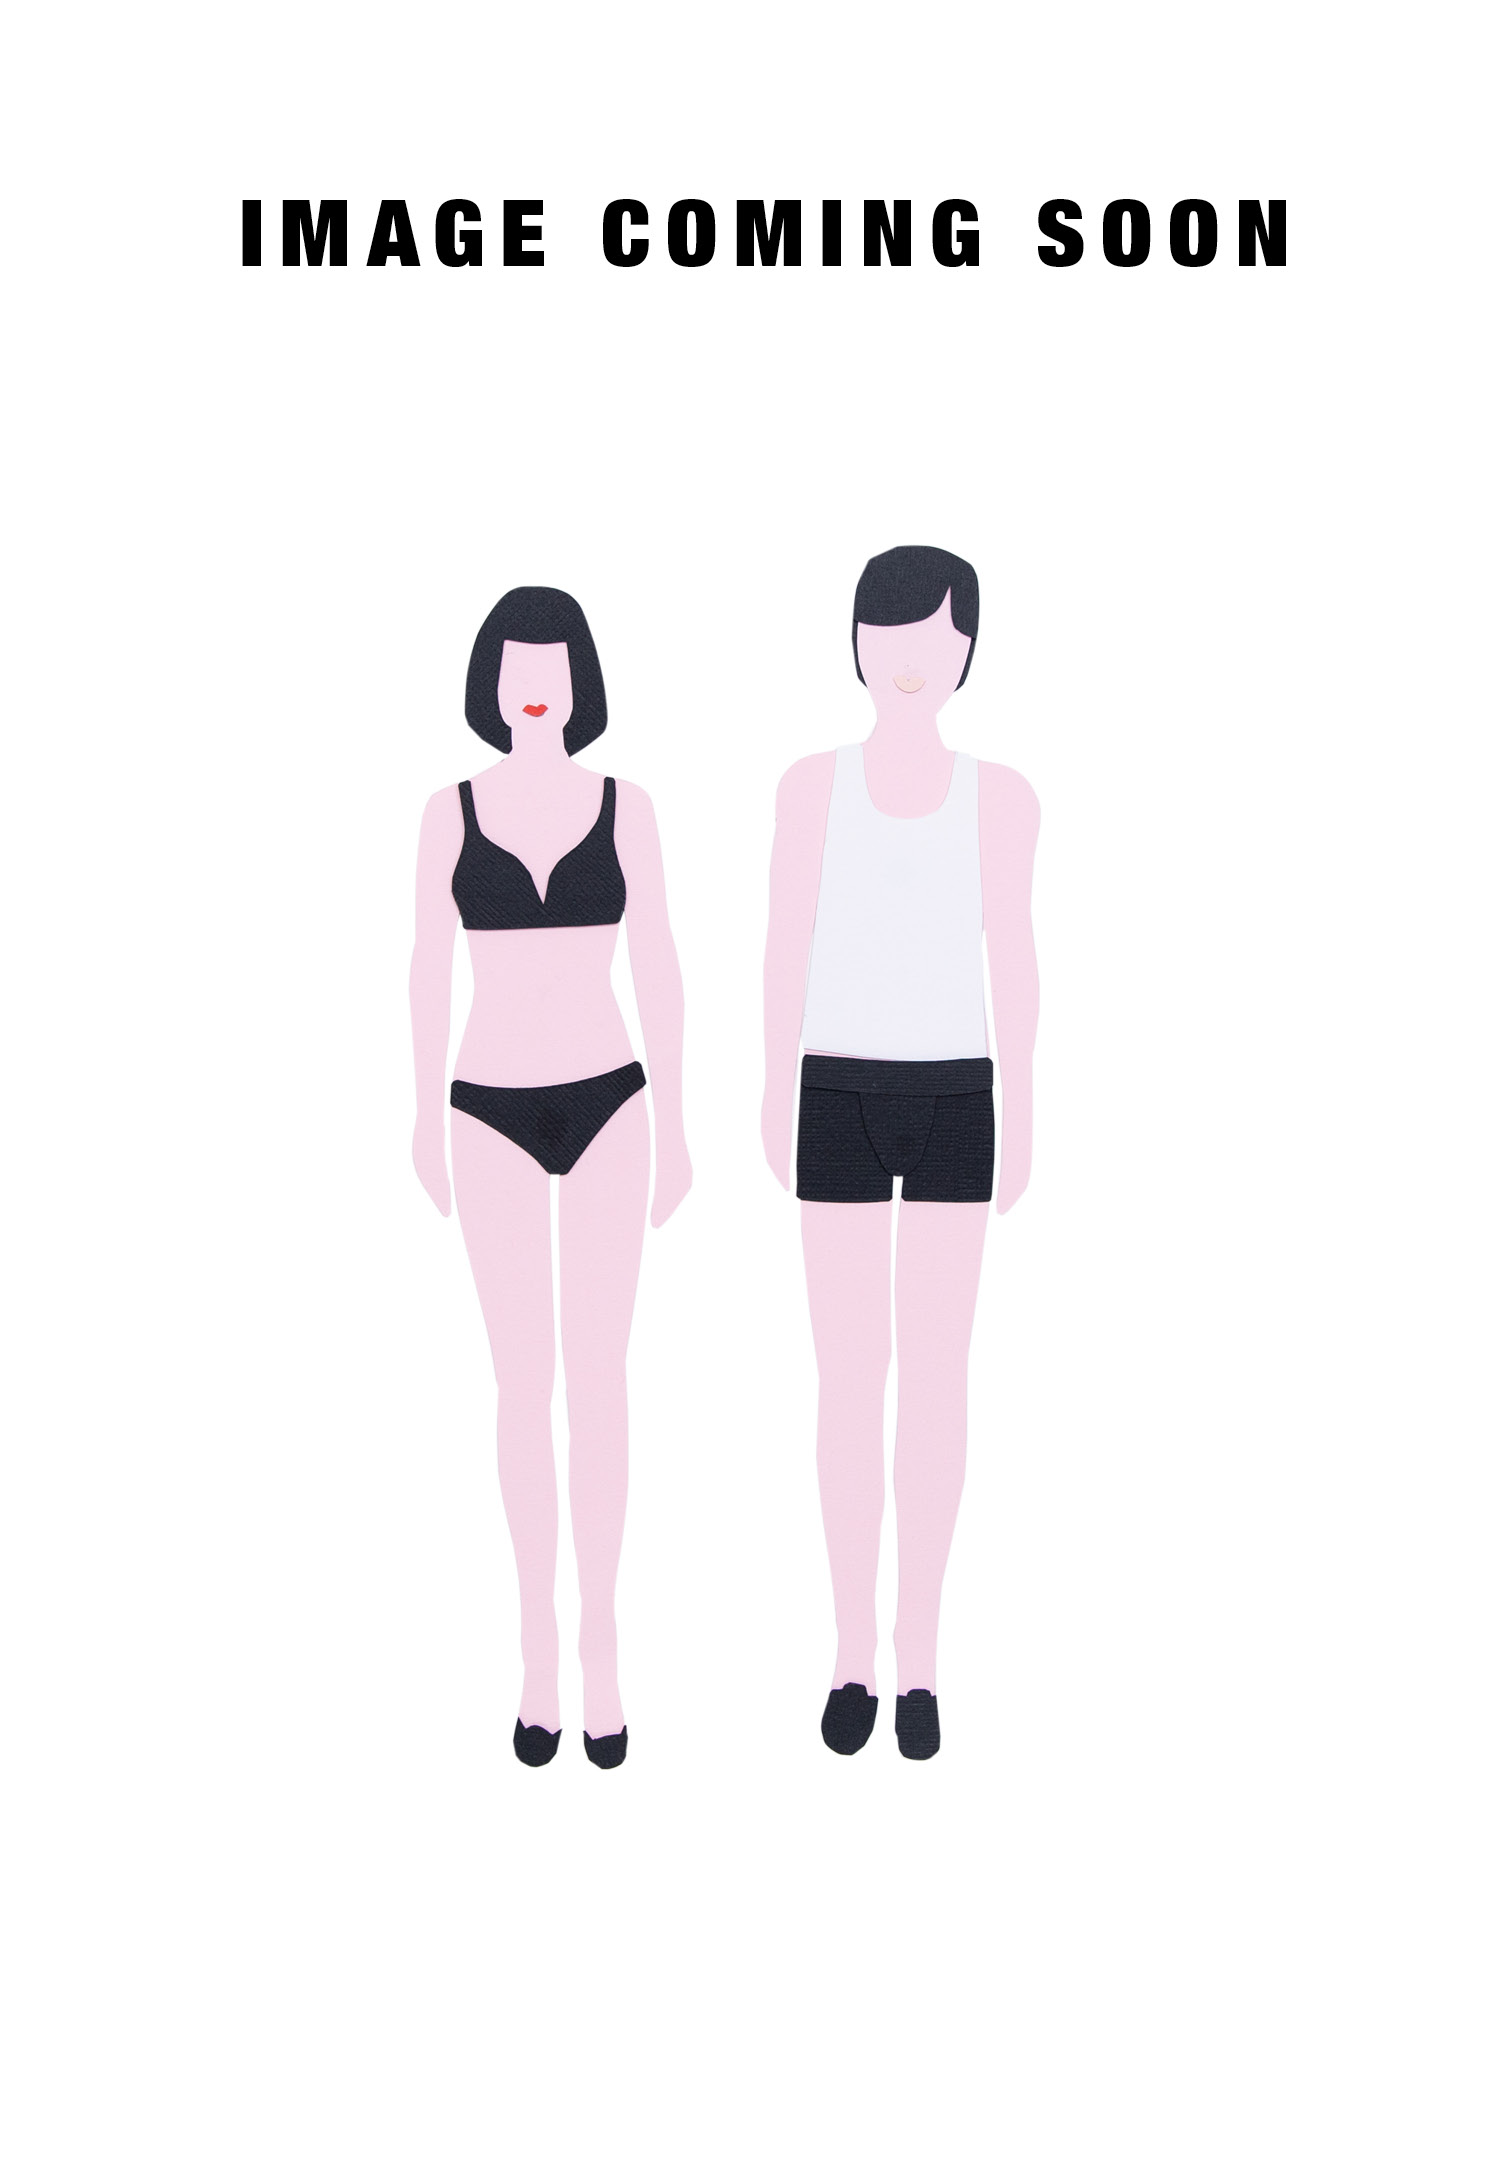 SKINY_Basic_M_Sloungewear_pantslong_086824_085029_040.jpg